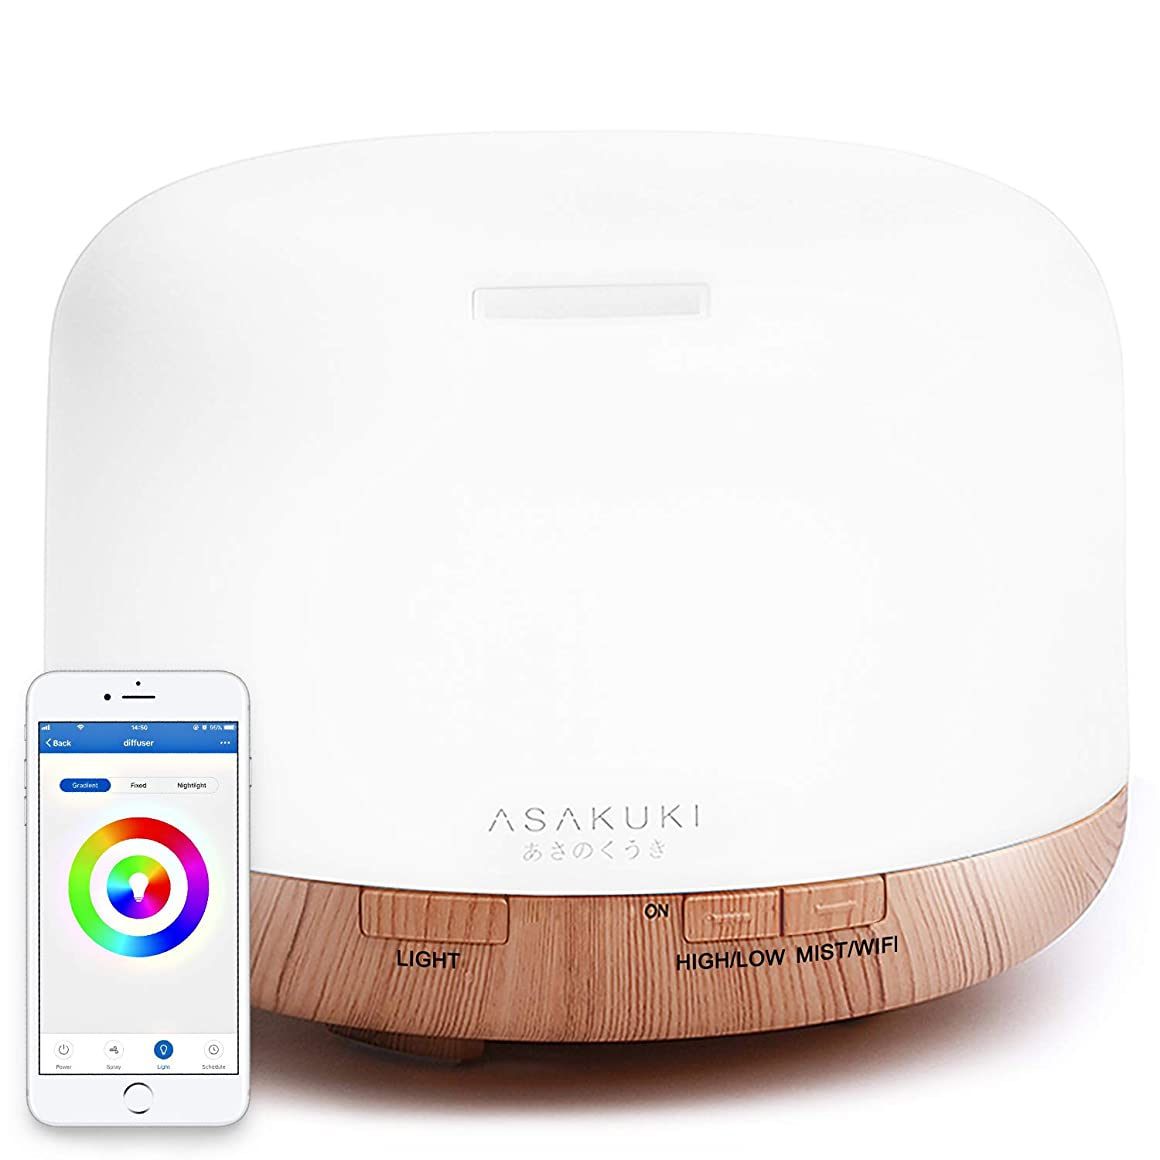 半導体練習したいっぱいASAKUKI ベッドルーム、オフィス、より良い睡眠&呼吸 雰囲気を緩和するアレクサ2019アップグレード設計500ミリリットルアロマ加湿器と互換性 あるスマート -エッセンシャルオイルディフューザーアプリ制御 標準 2018アップグレードバージョン